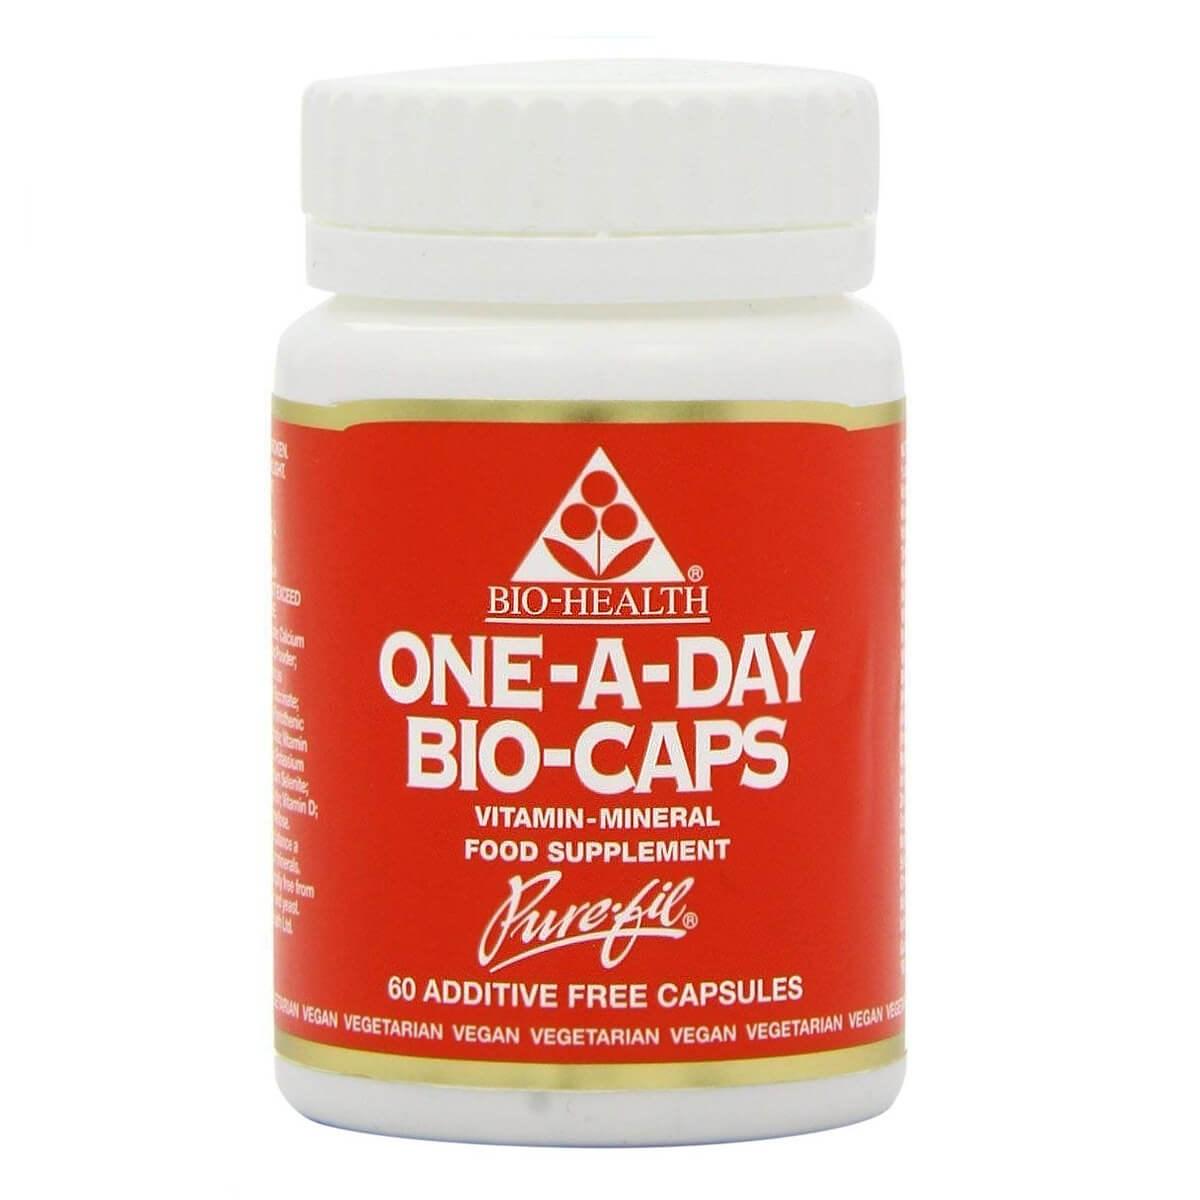 Bio-Health Bio-Caps Multivitamin and Mineral Capsules